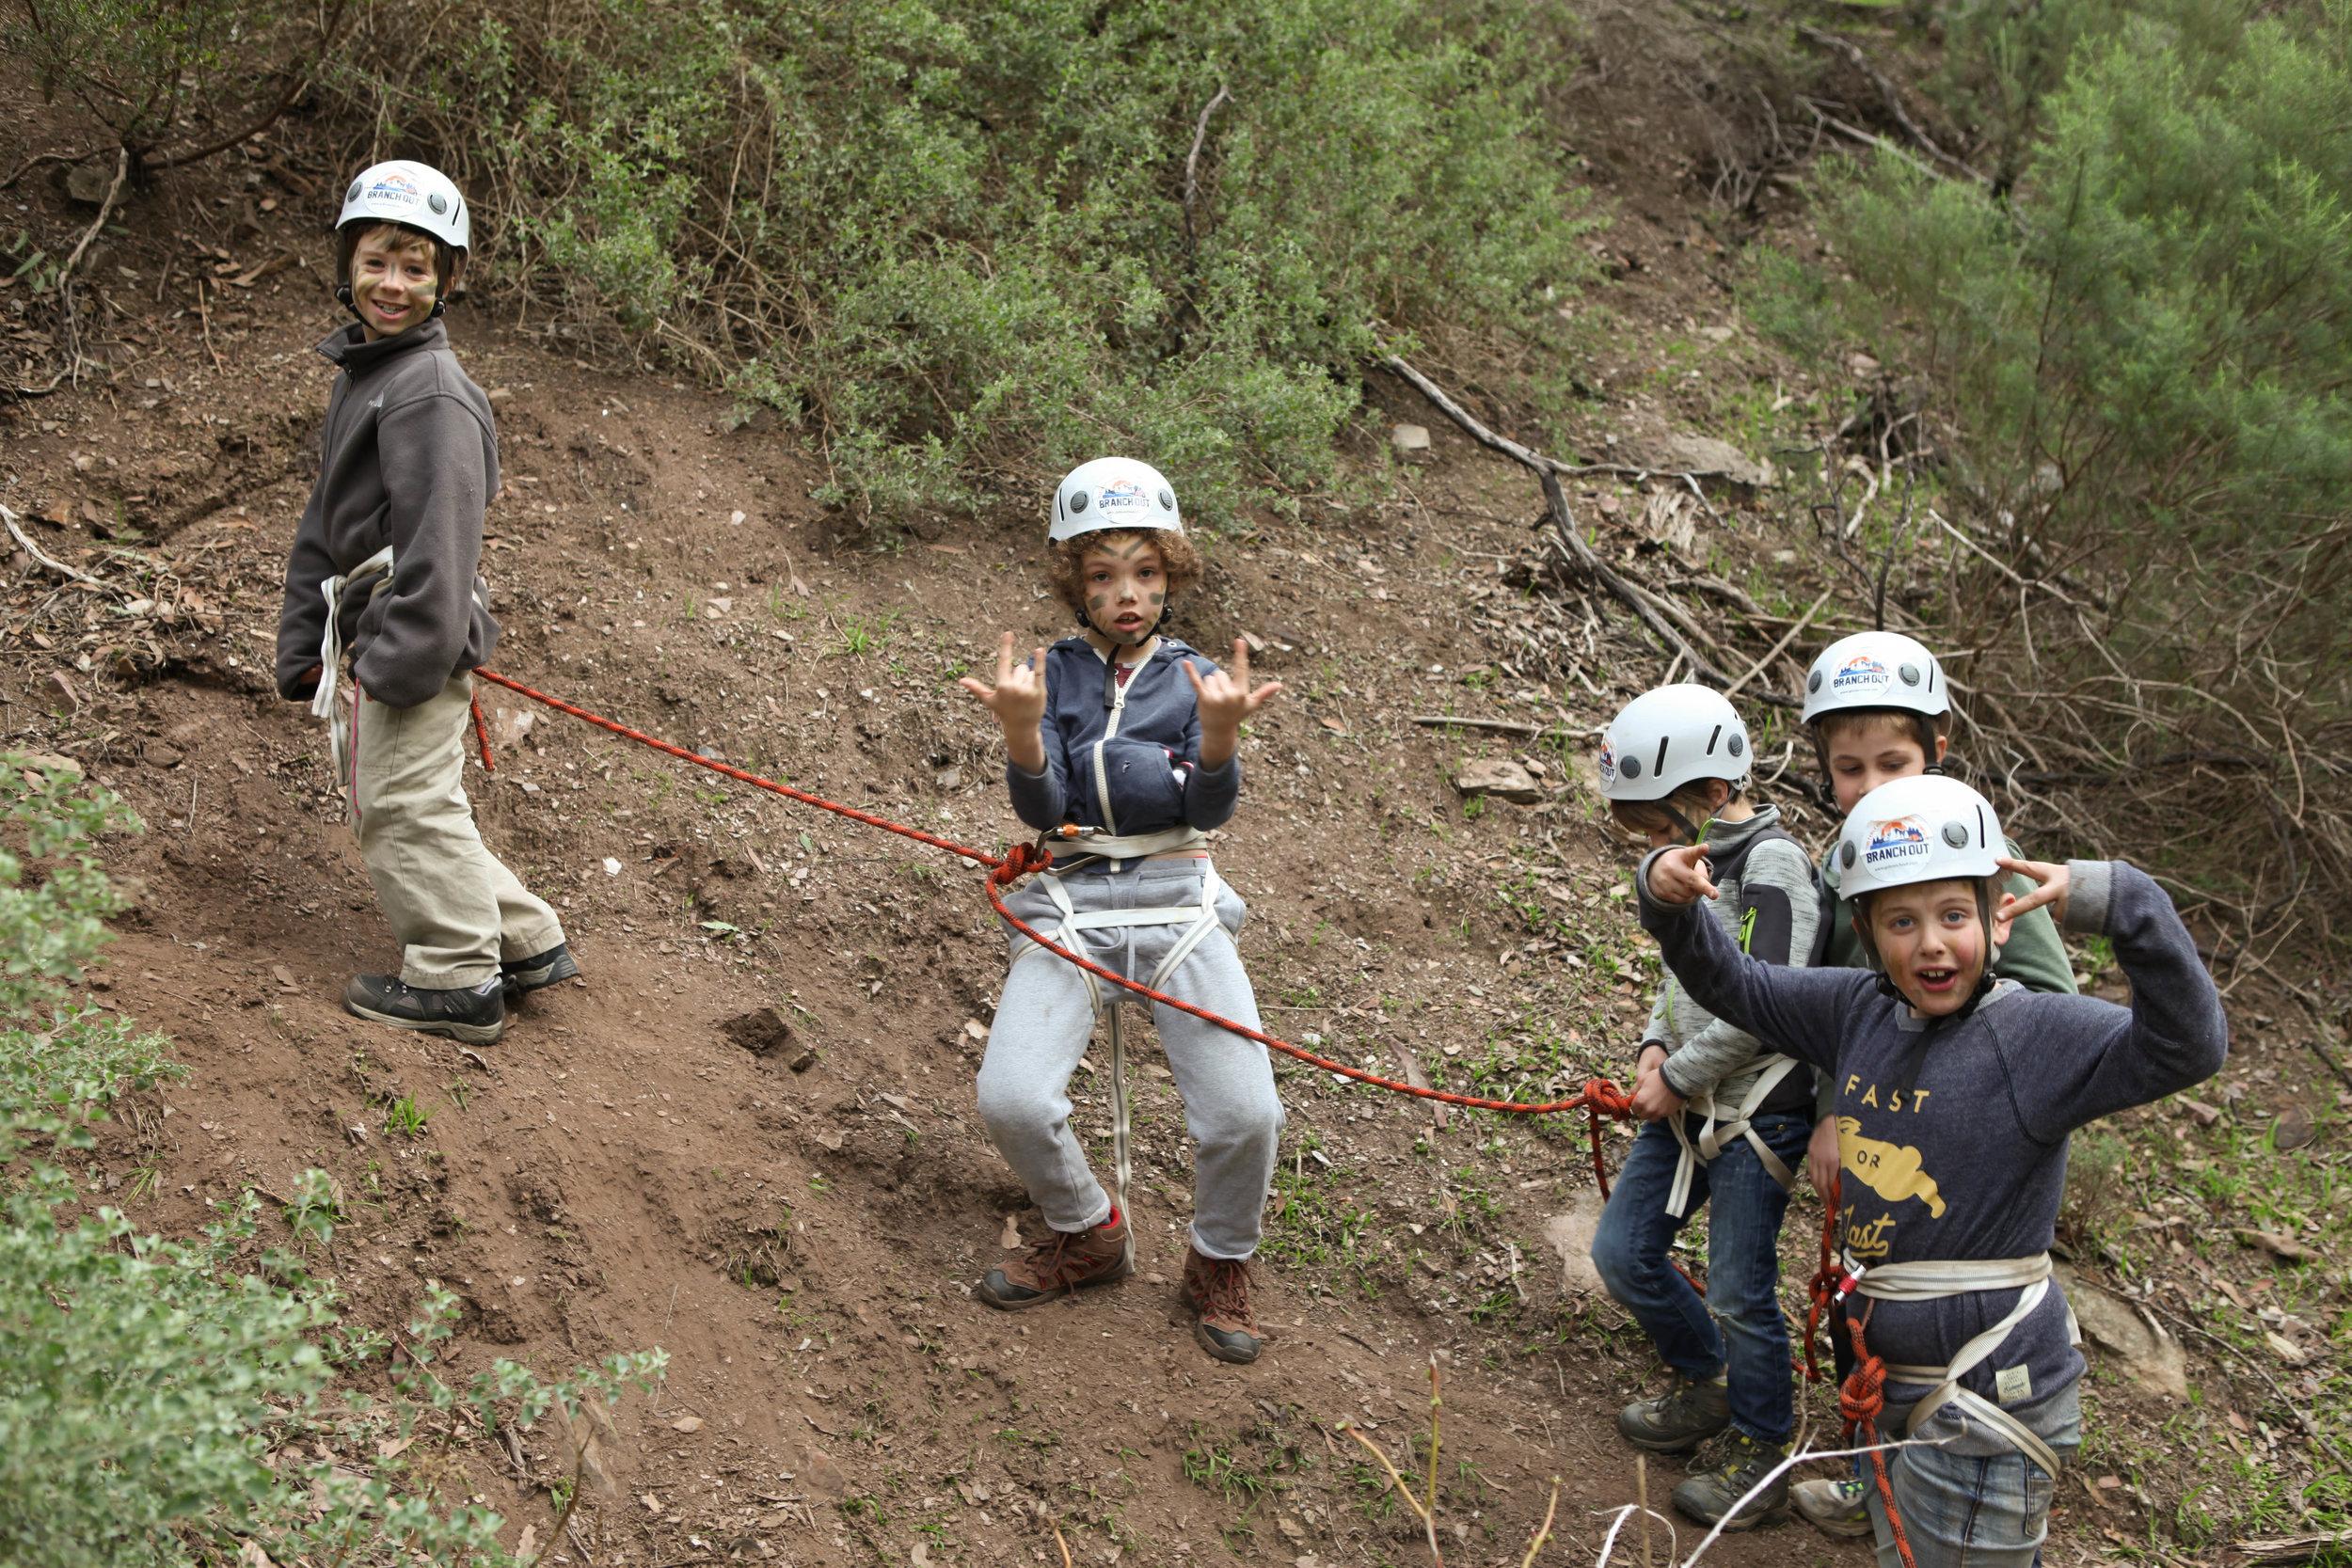 rope-team_19782157812_o.jpg